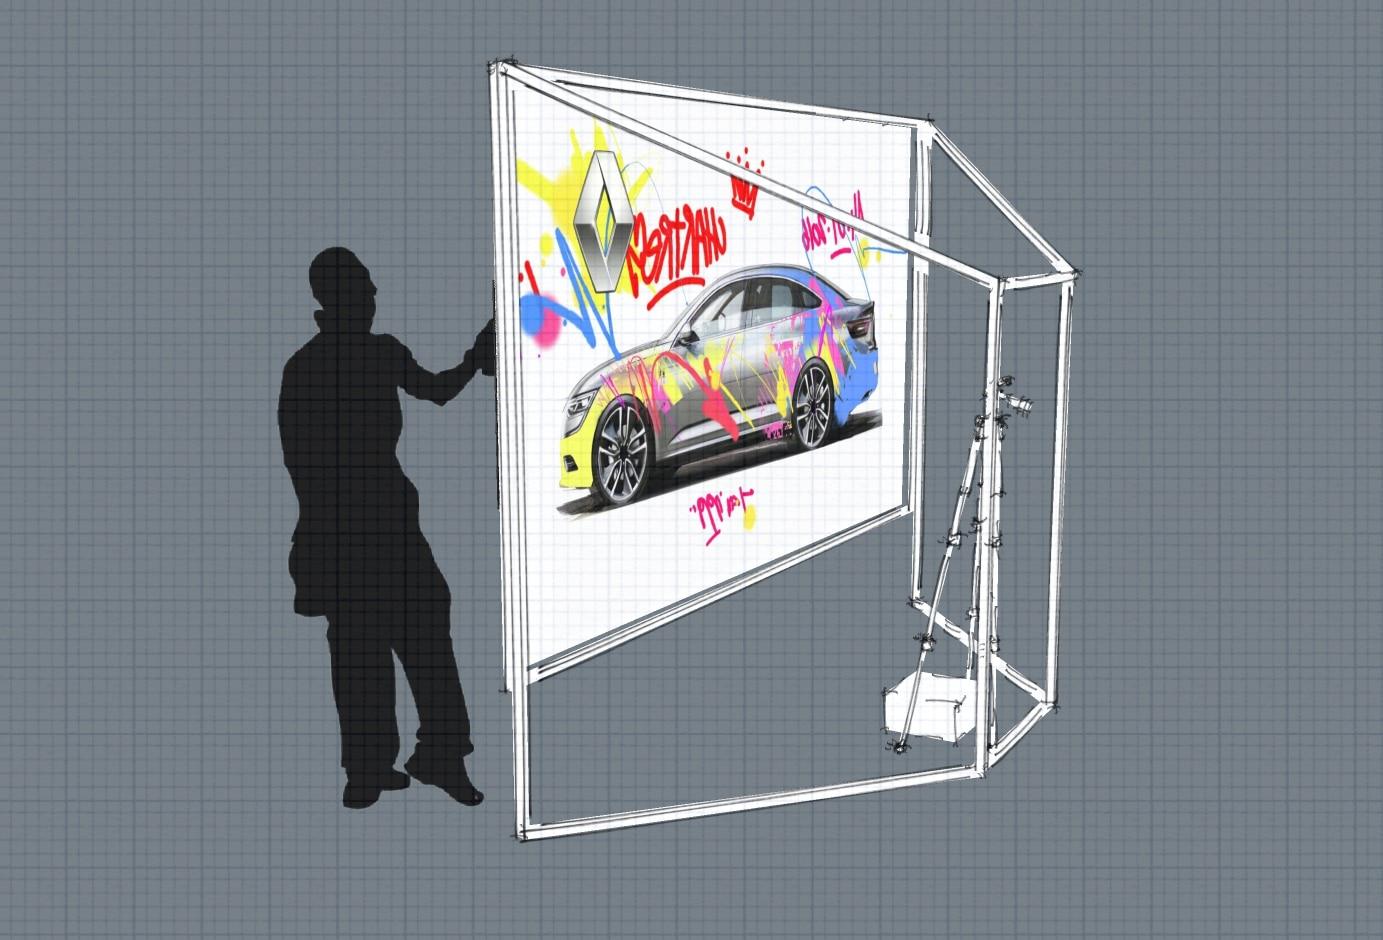 Graffiti Wall - Projection graffiti